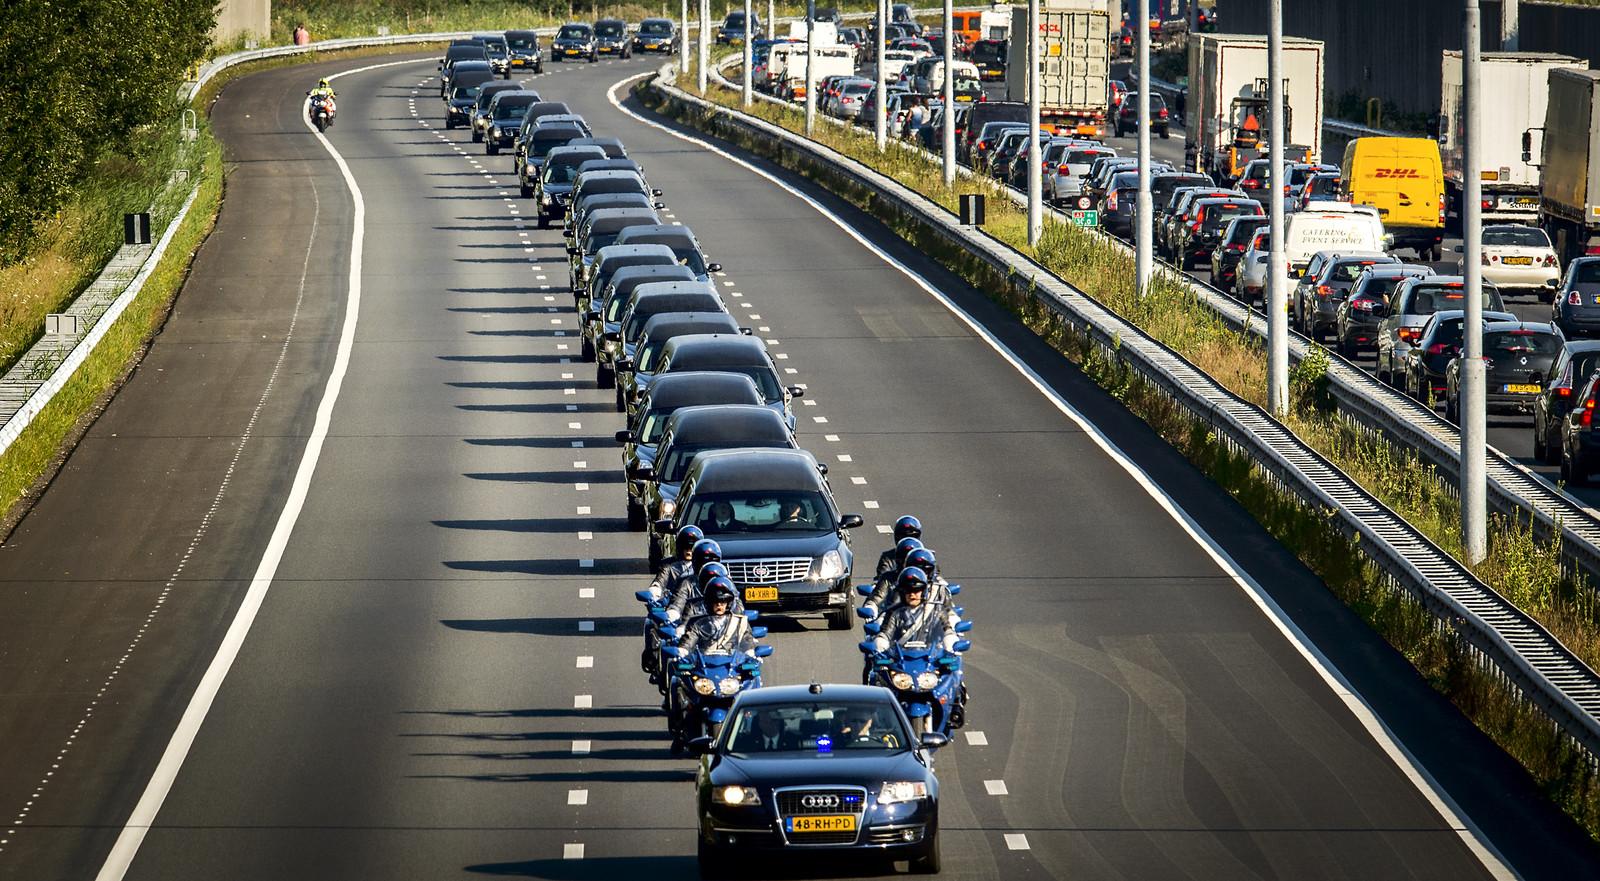 De colonne van lijkwagens rijdt vanuit Eindhoven Airport over de A2 richting Hilversum.